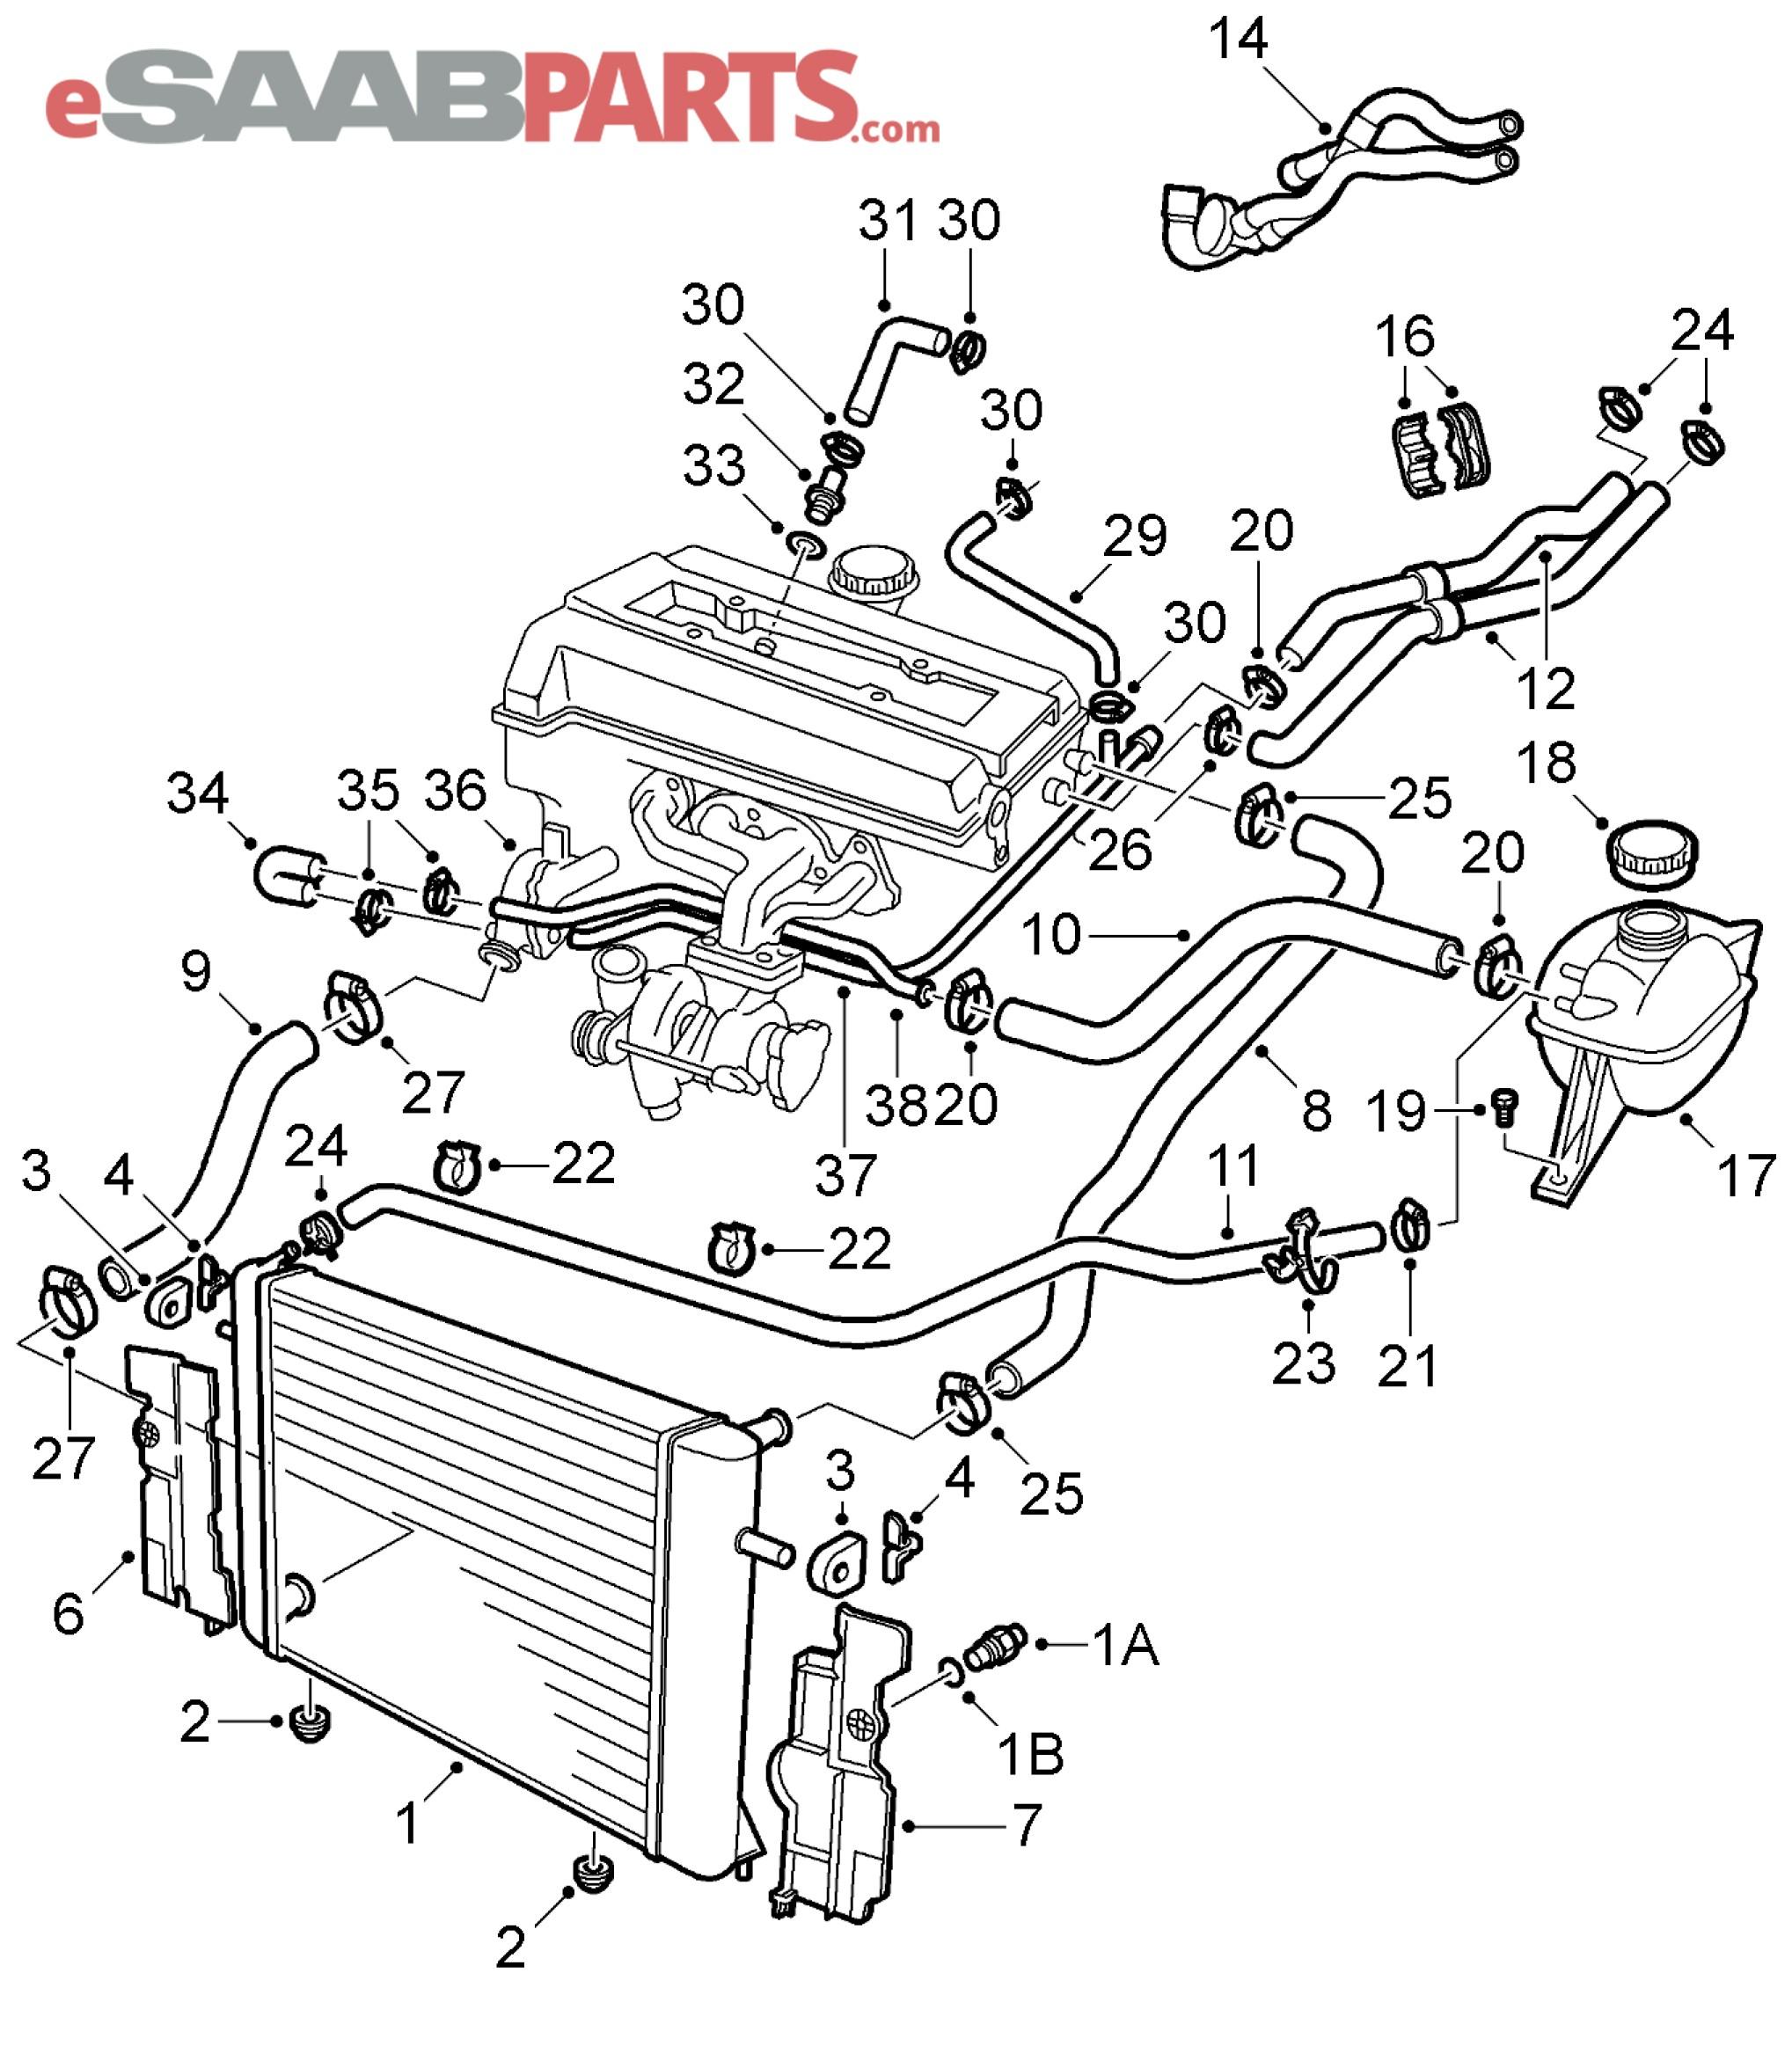 Bsa C15 Engine Diagram Saab 900 Engine Diagram ] Saab Clamp Genuine Saab Parts Of Bsa C15 Engine Diagram